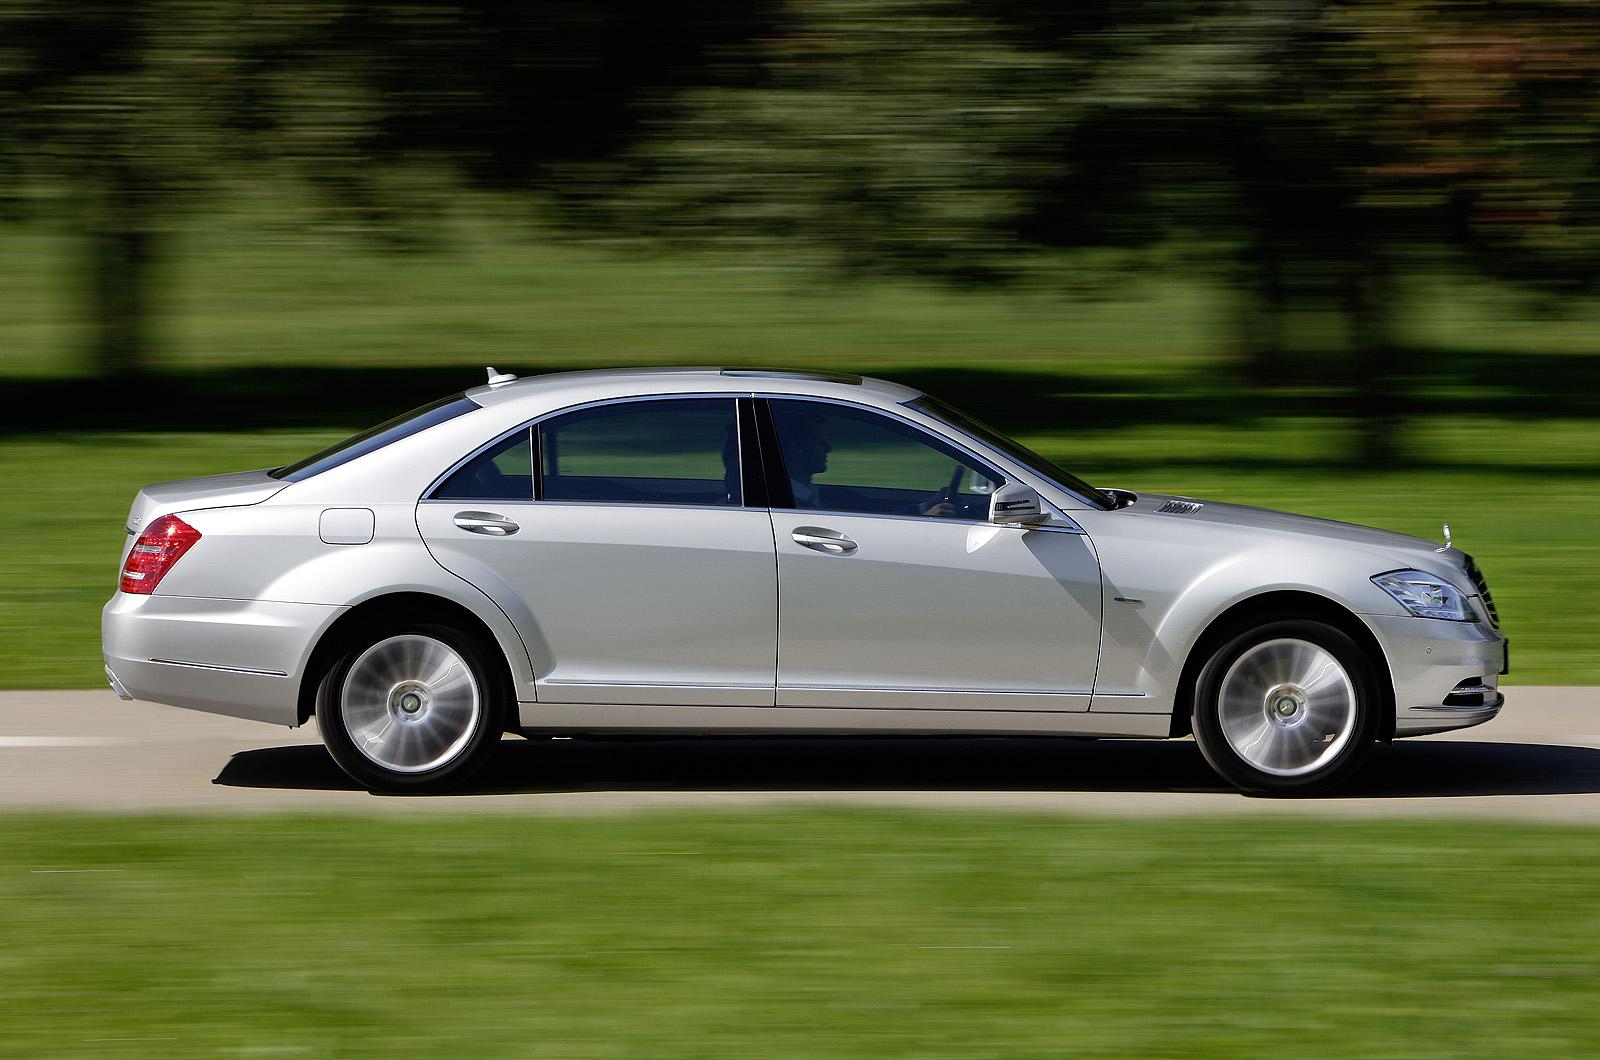 Mercedes s250 cdi autocar for Mercedes benz s250